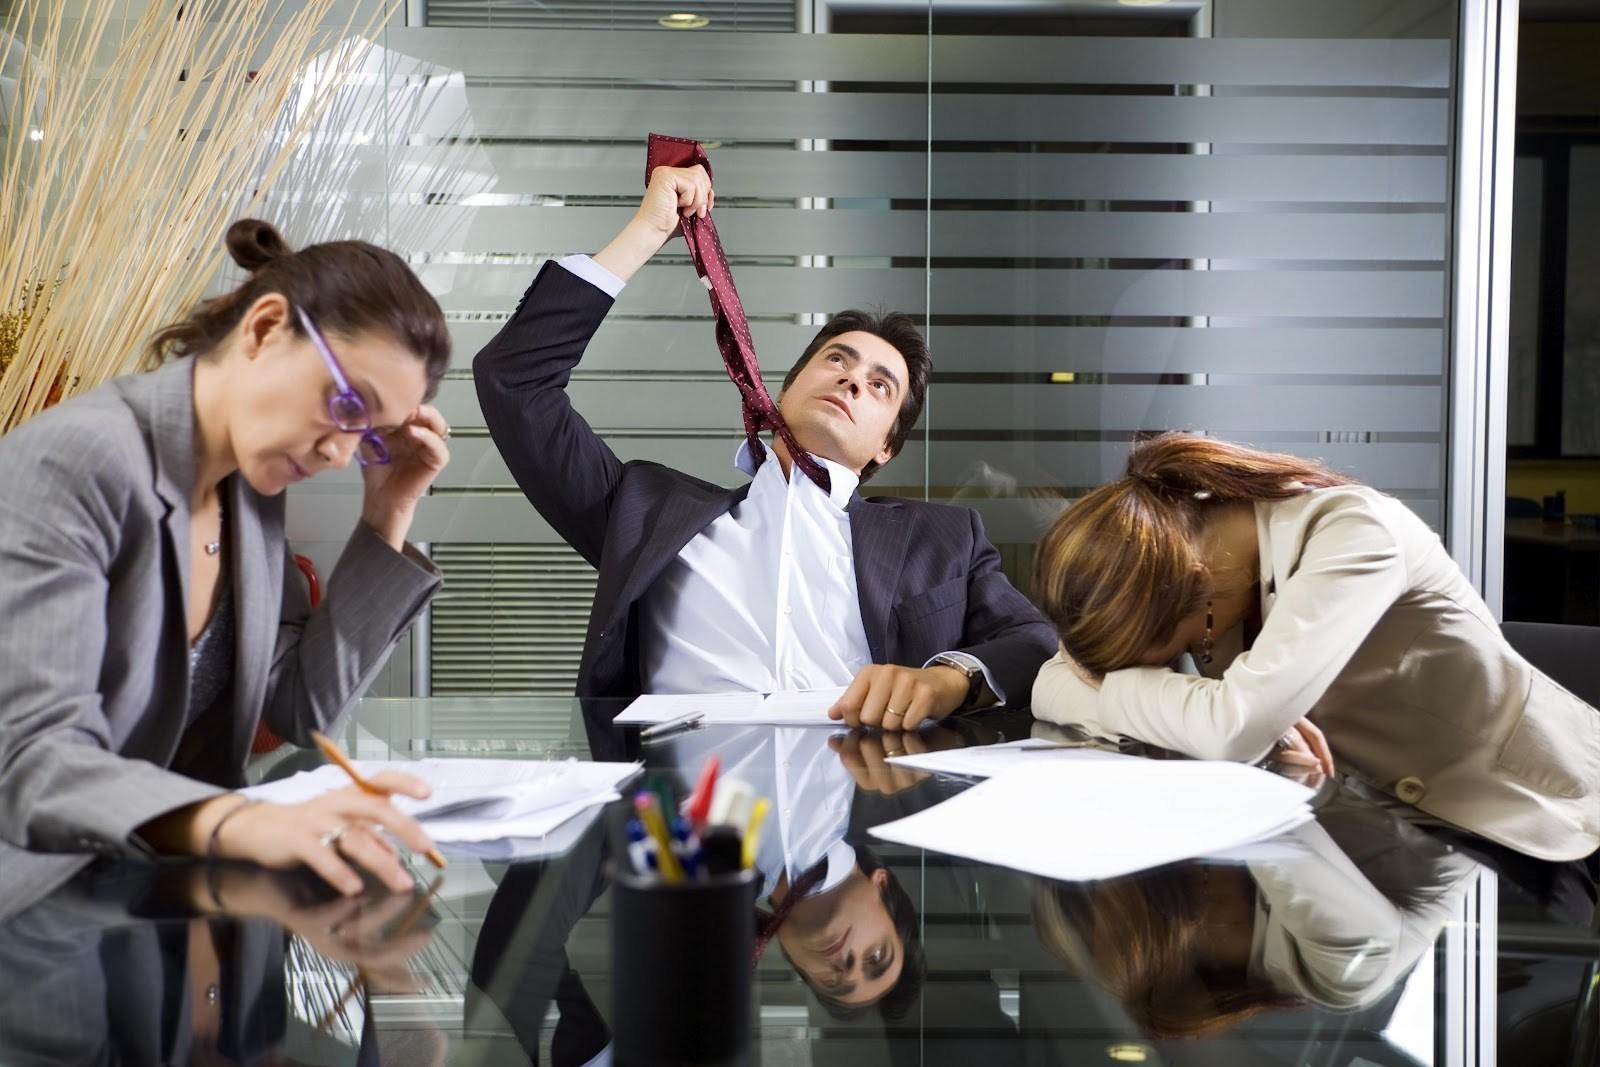 Профессиональный стресс выделен в отдельную рубрику в Международной классификации болезней